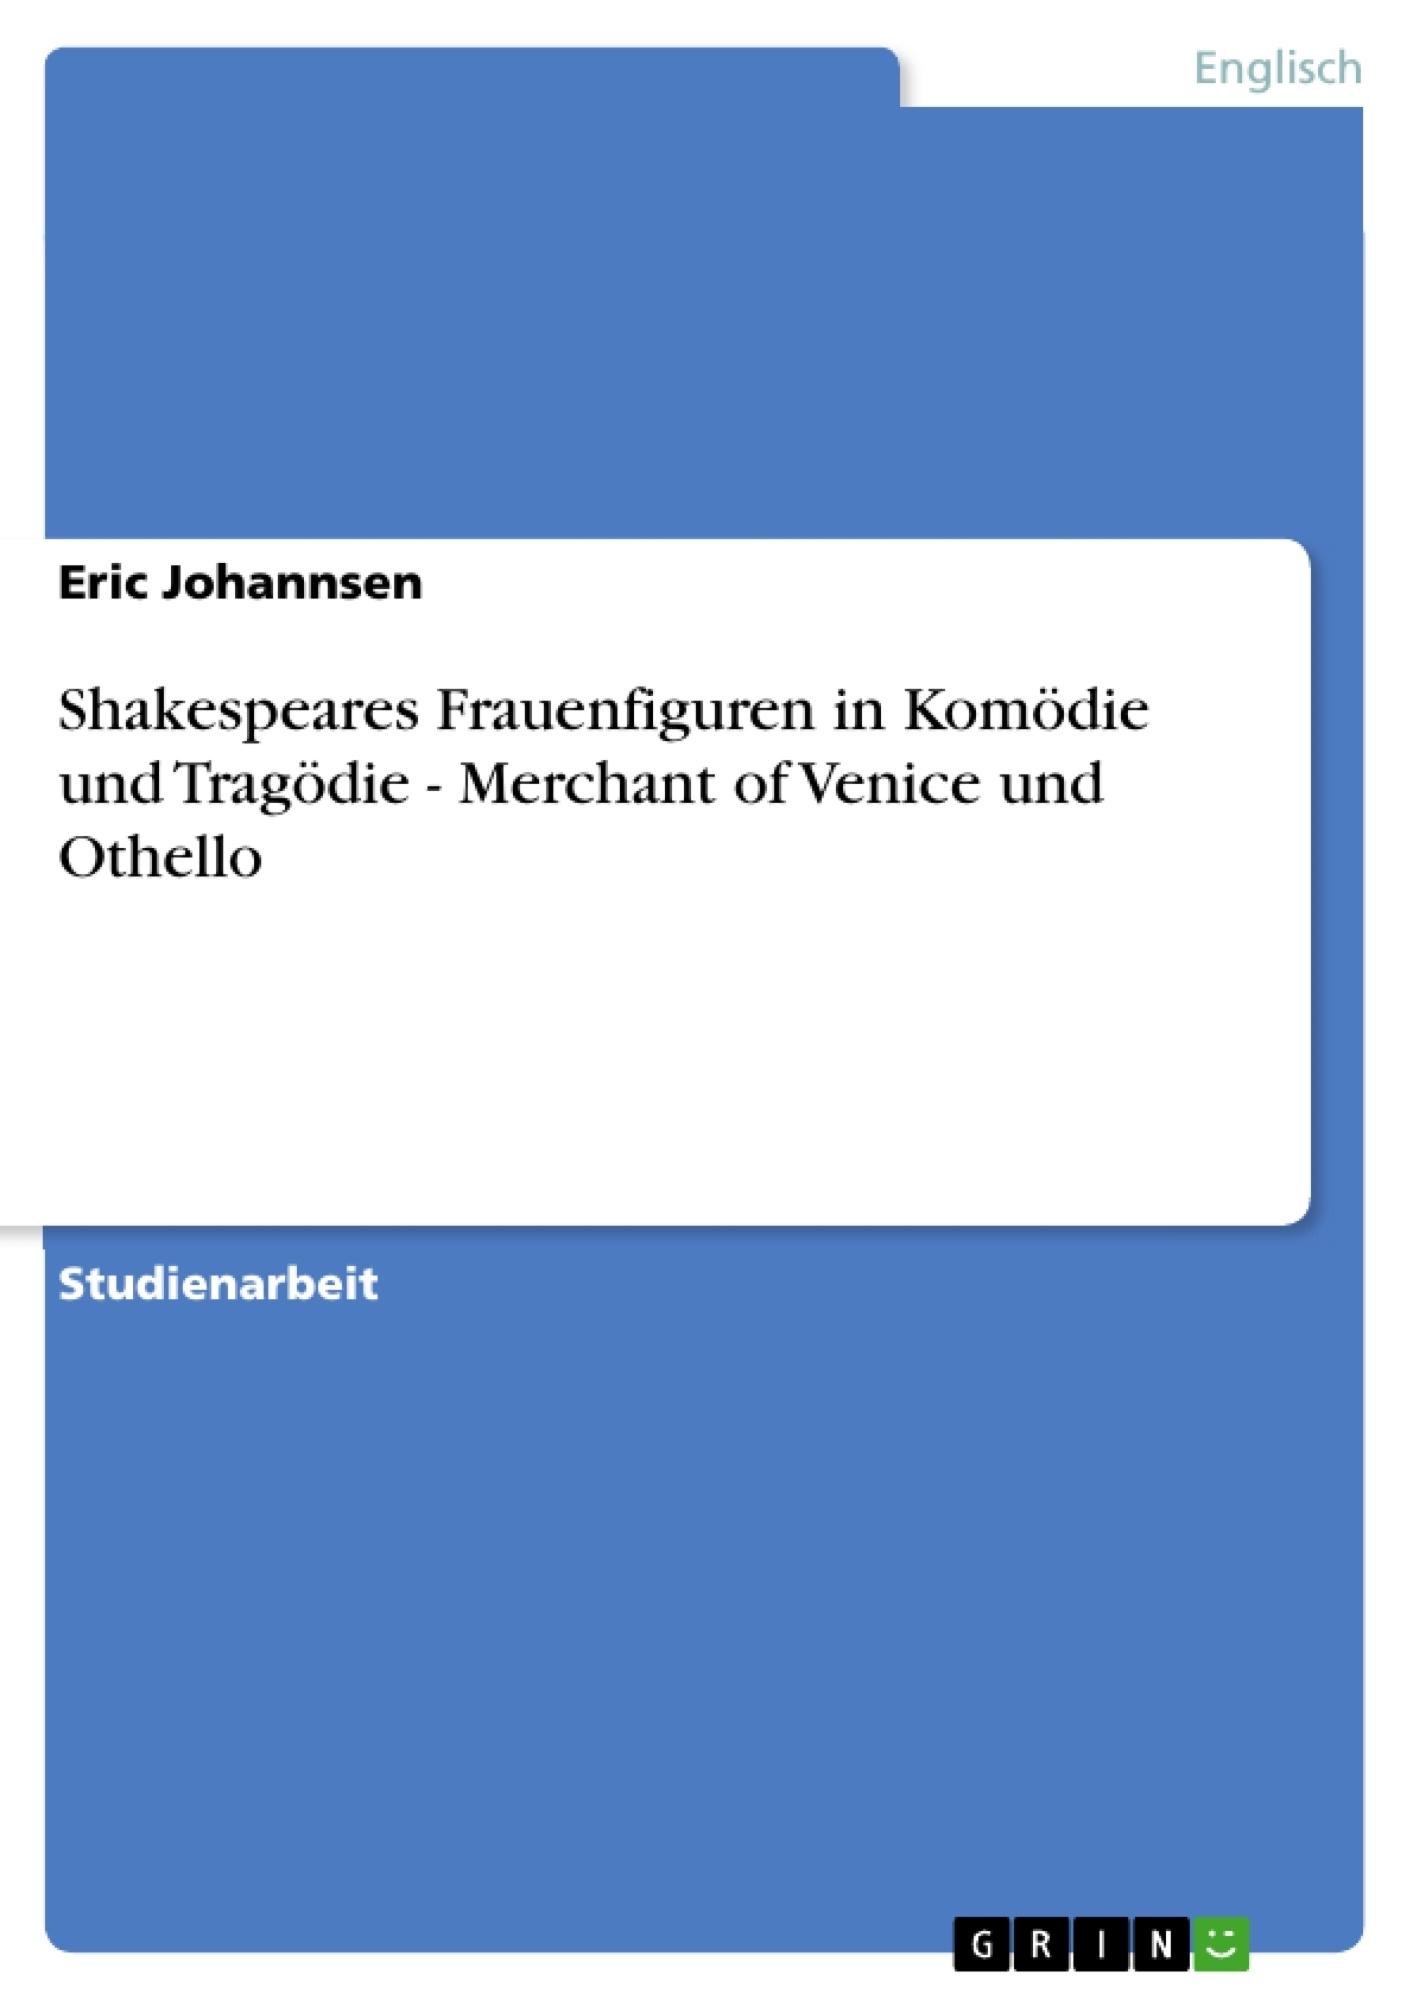 Titel: Shakespeares Frauenfiguren in Komödie und Tragödie - Merchant of Venice und Othello